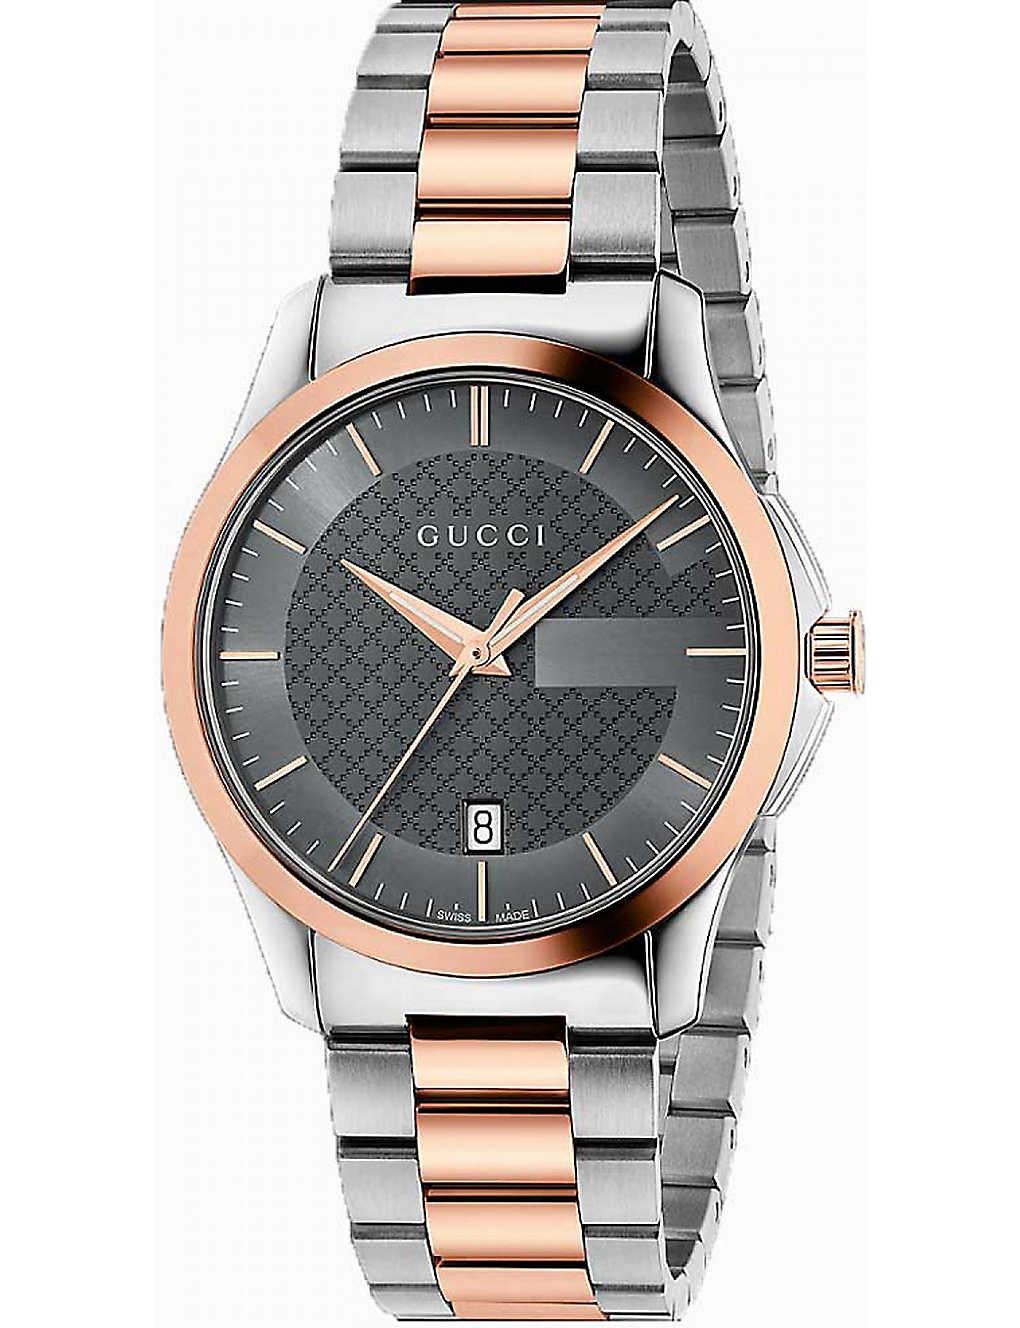 9f2f43f2964 GUCCI - YA126527 G Timeless watch